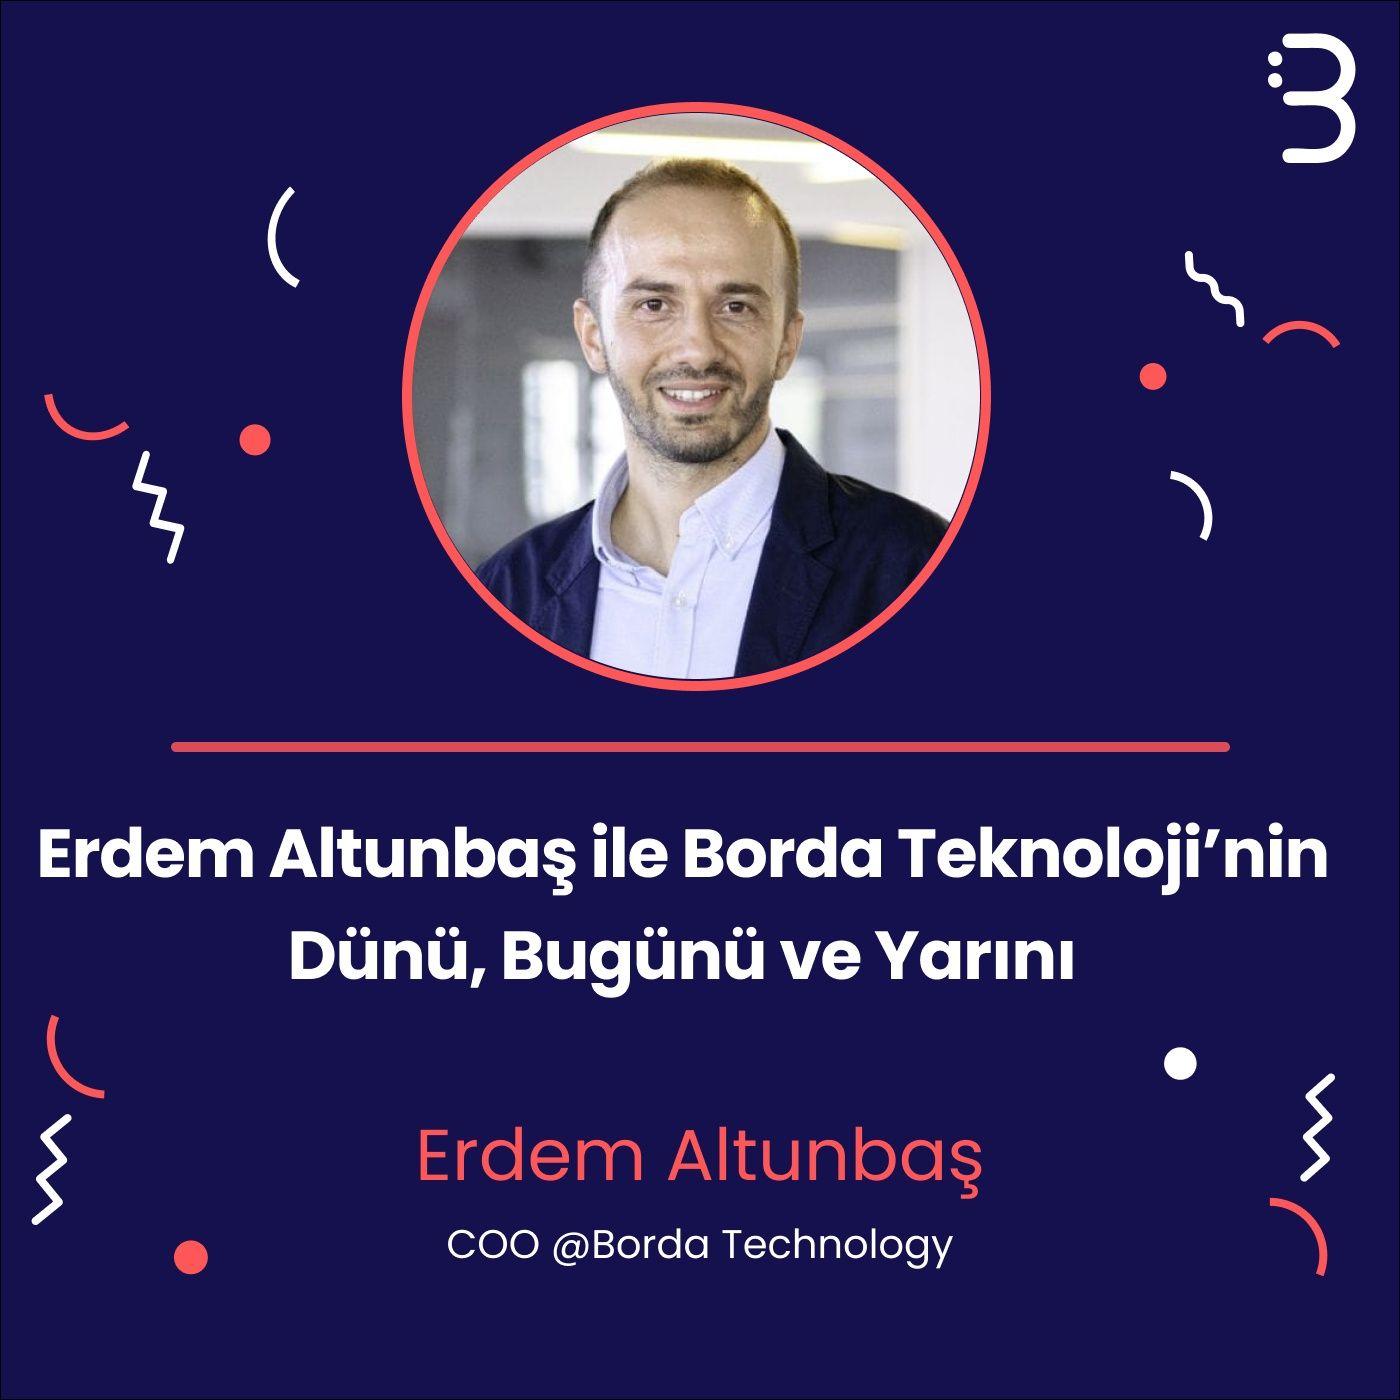 Erdem Altunbaş ile Borda Teknoloji'nin Dünü Bugünü ve Yarını